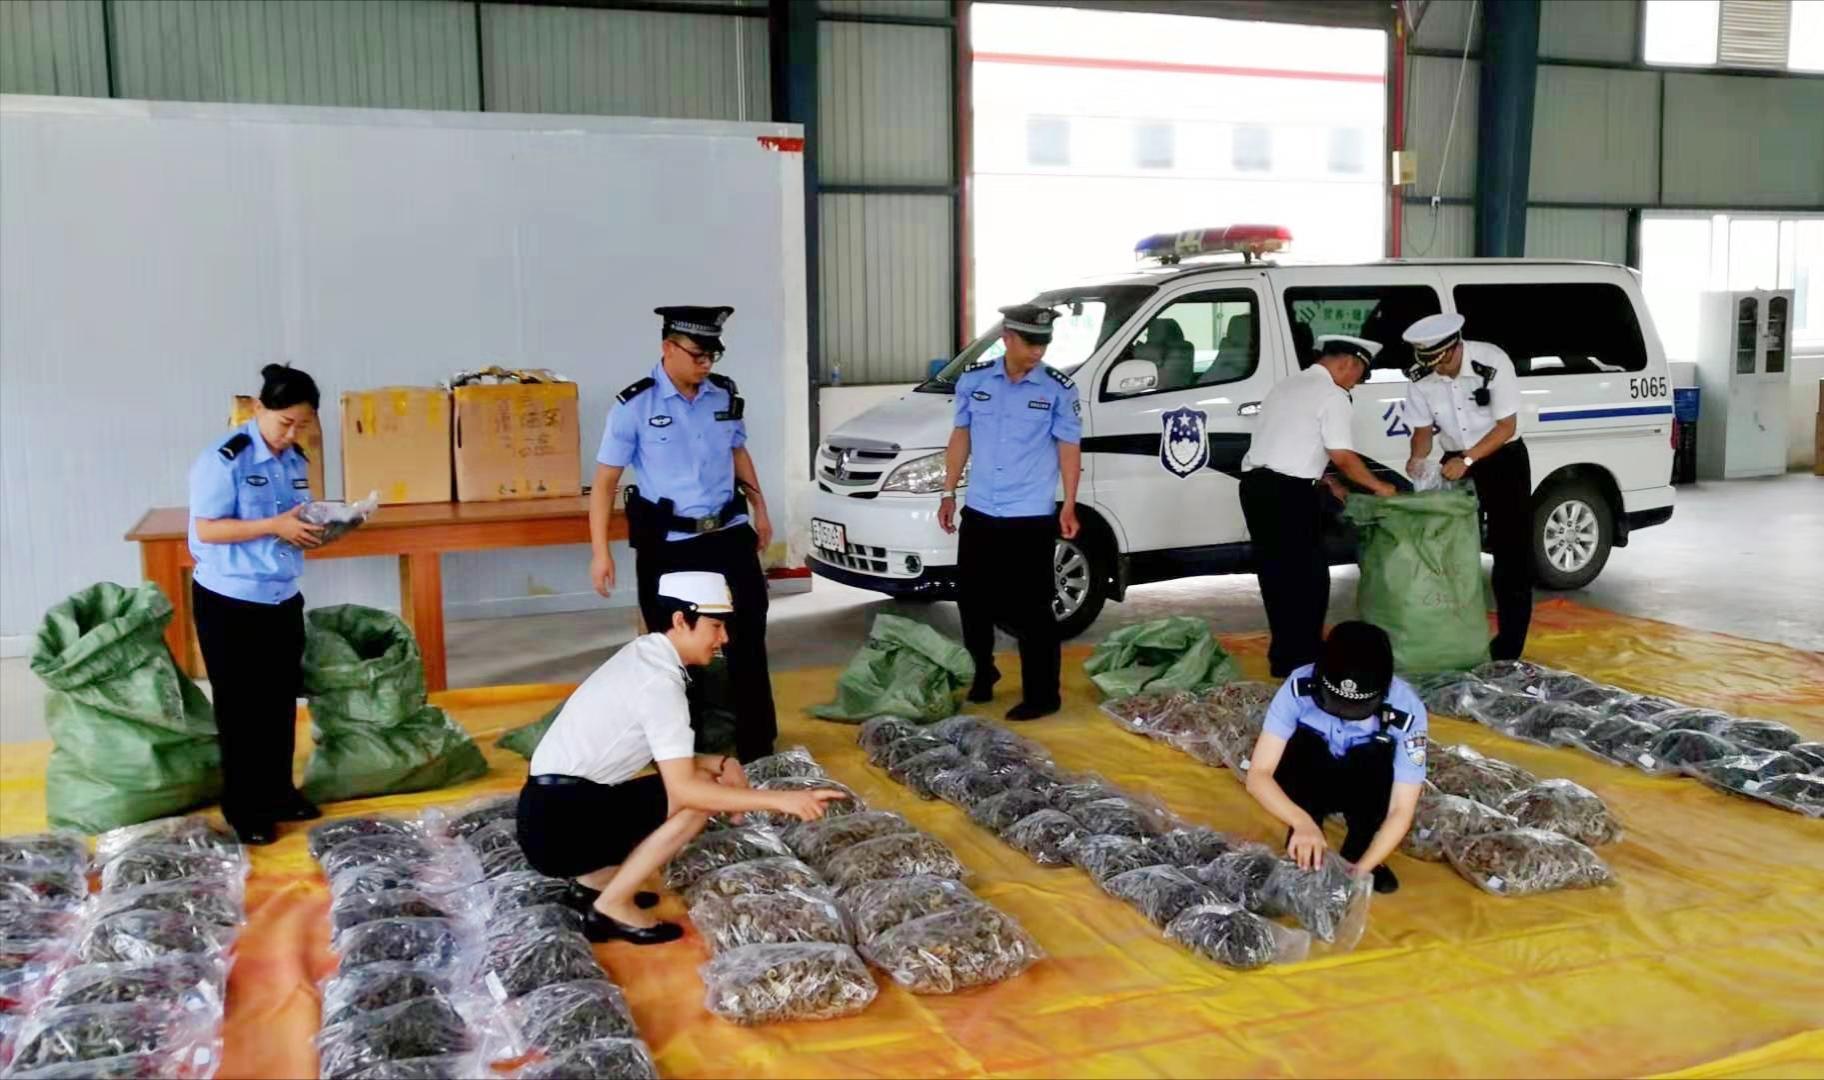 昆明税関、密輸された乾燥タツノオトシゴを押収 時価総額1億元超